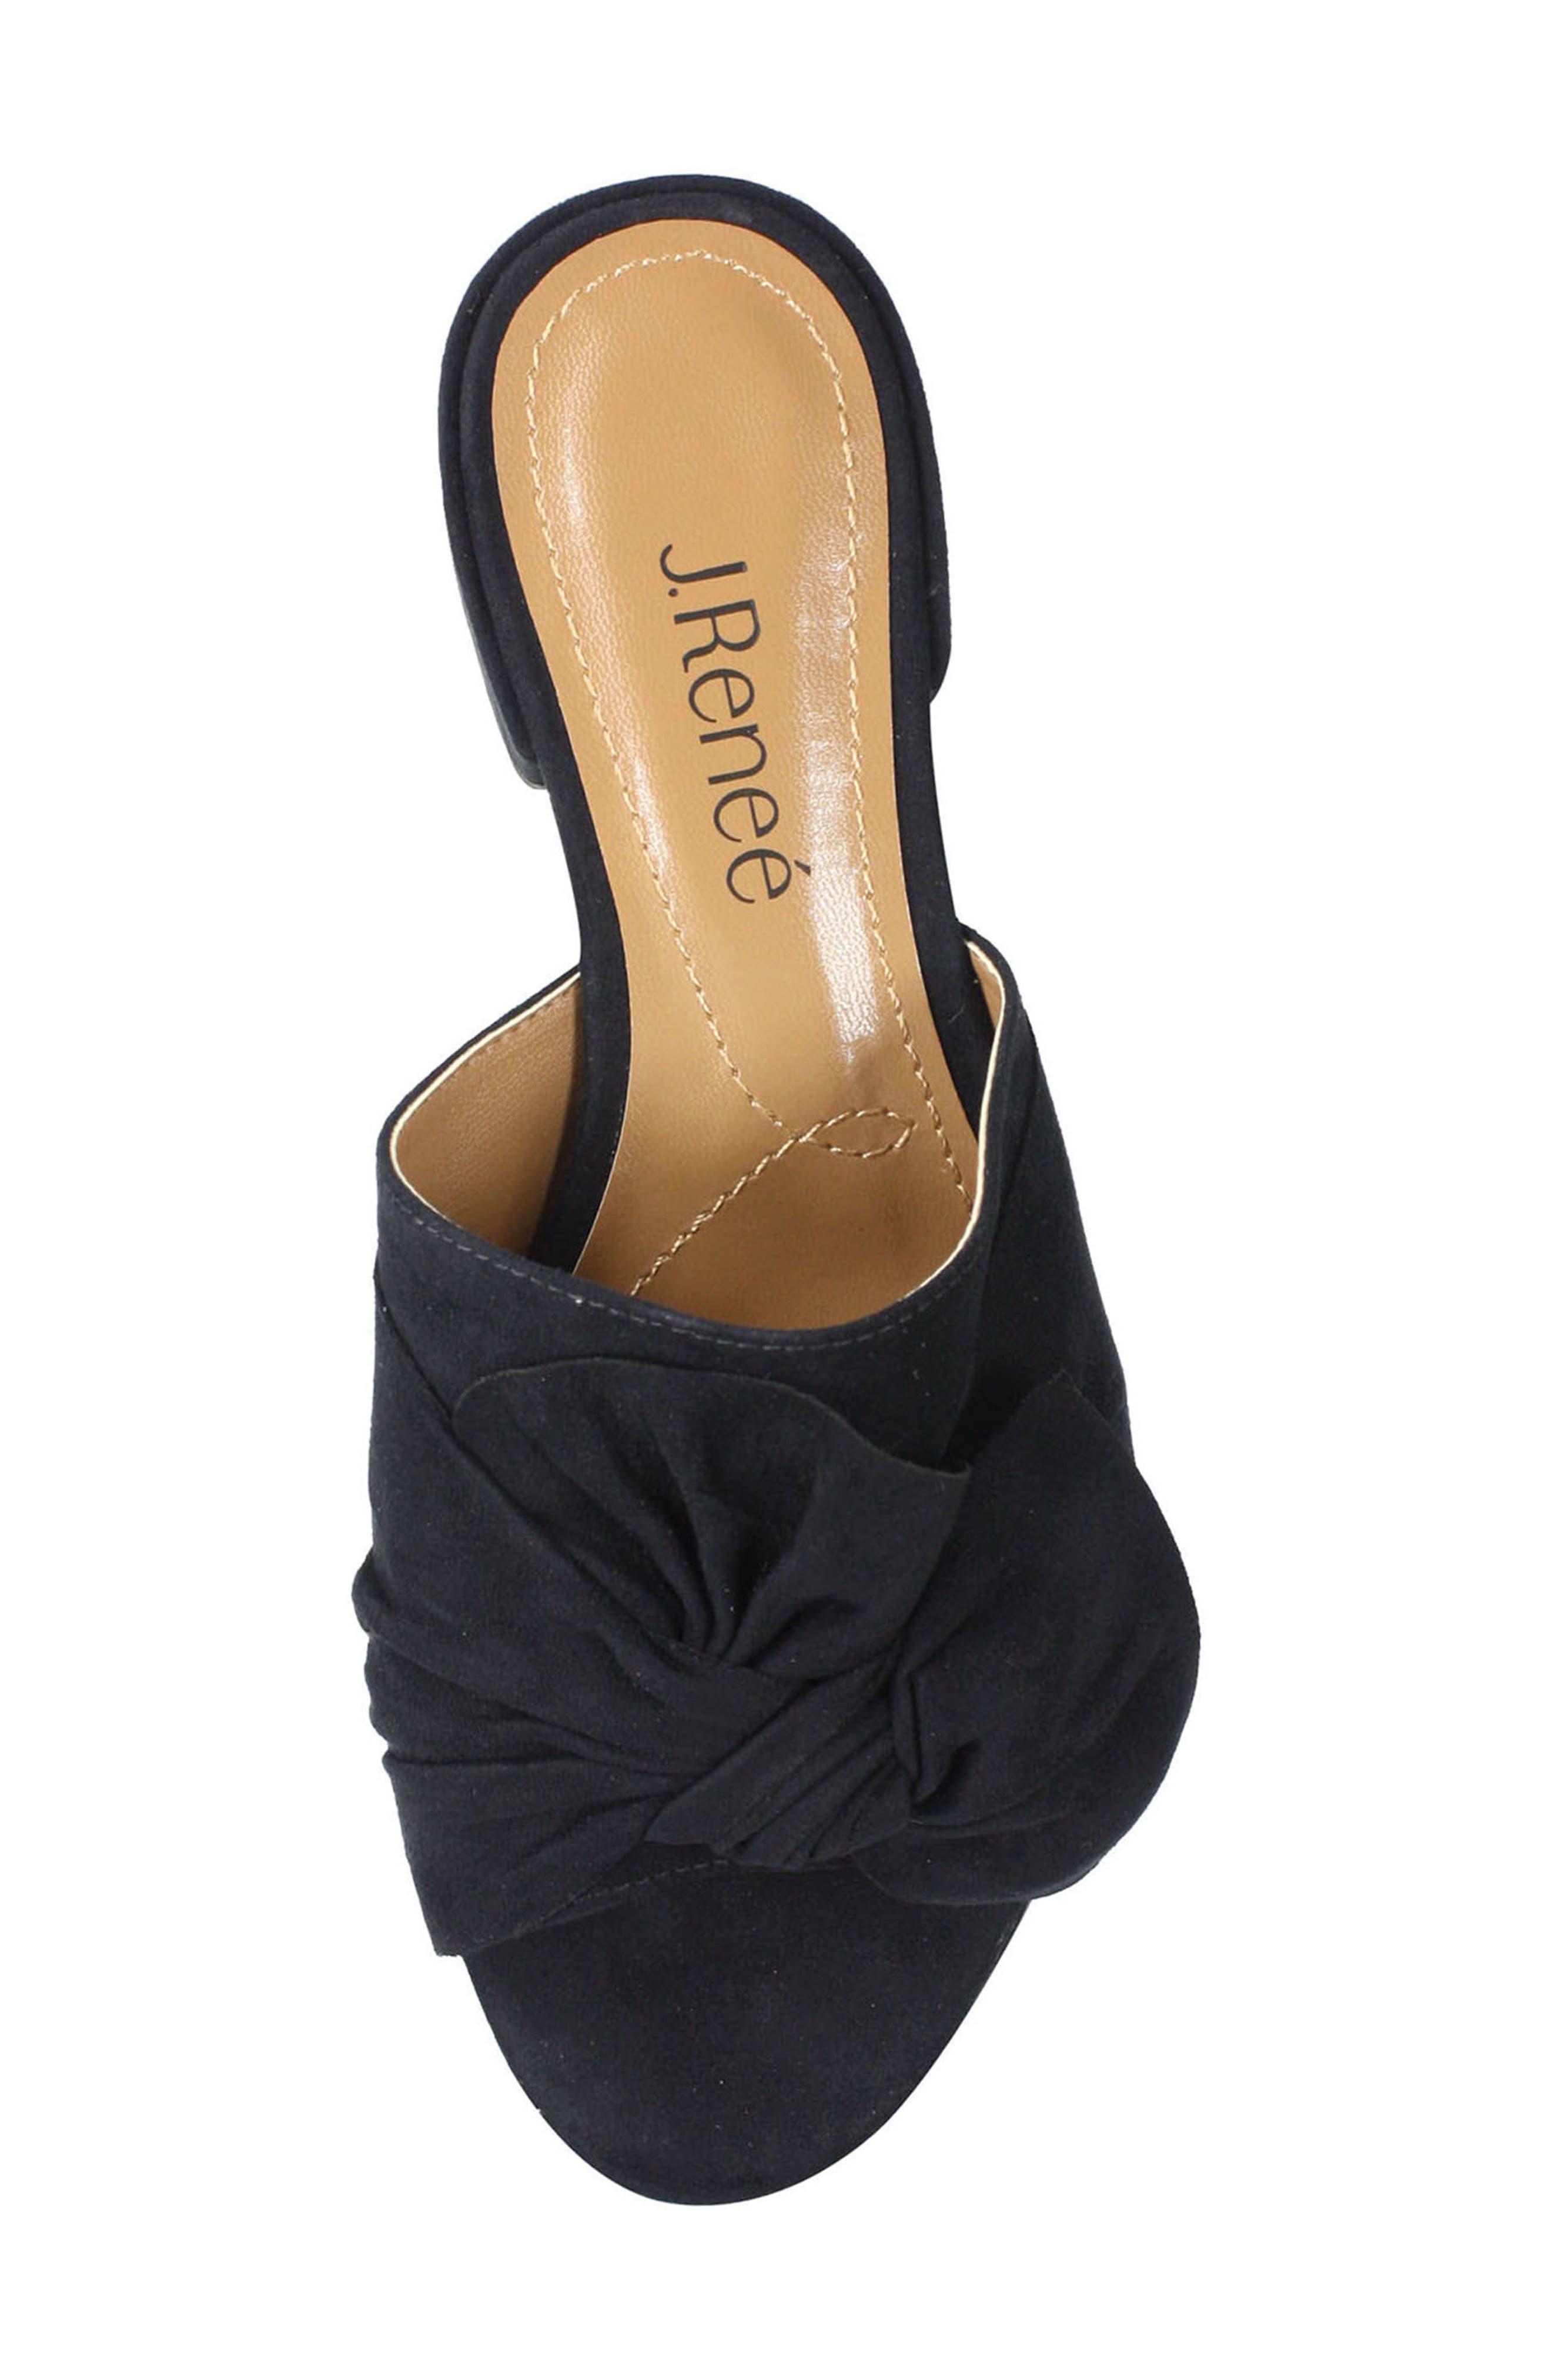 Sattuck Slide Sandal,                             Alternate thumbnail 4, color,                             BLACK FABRIC